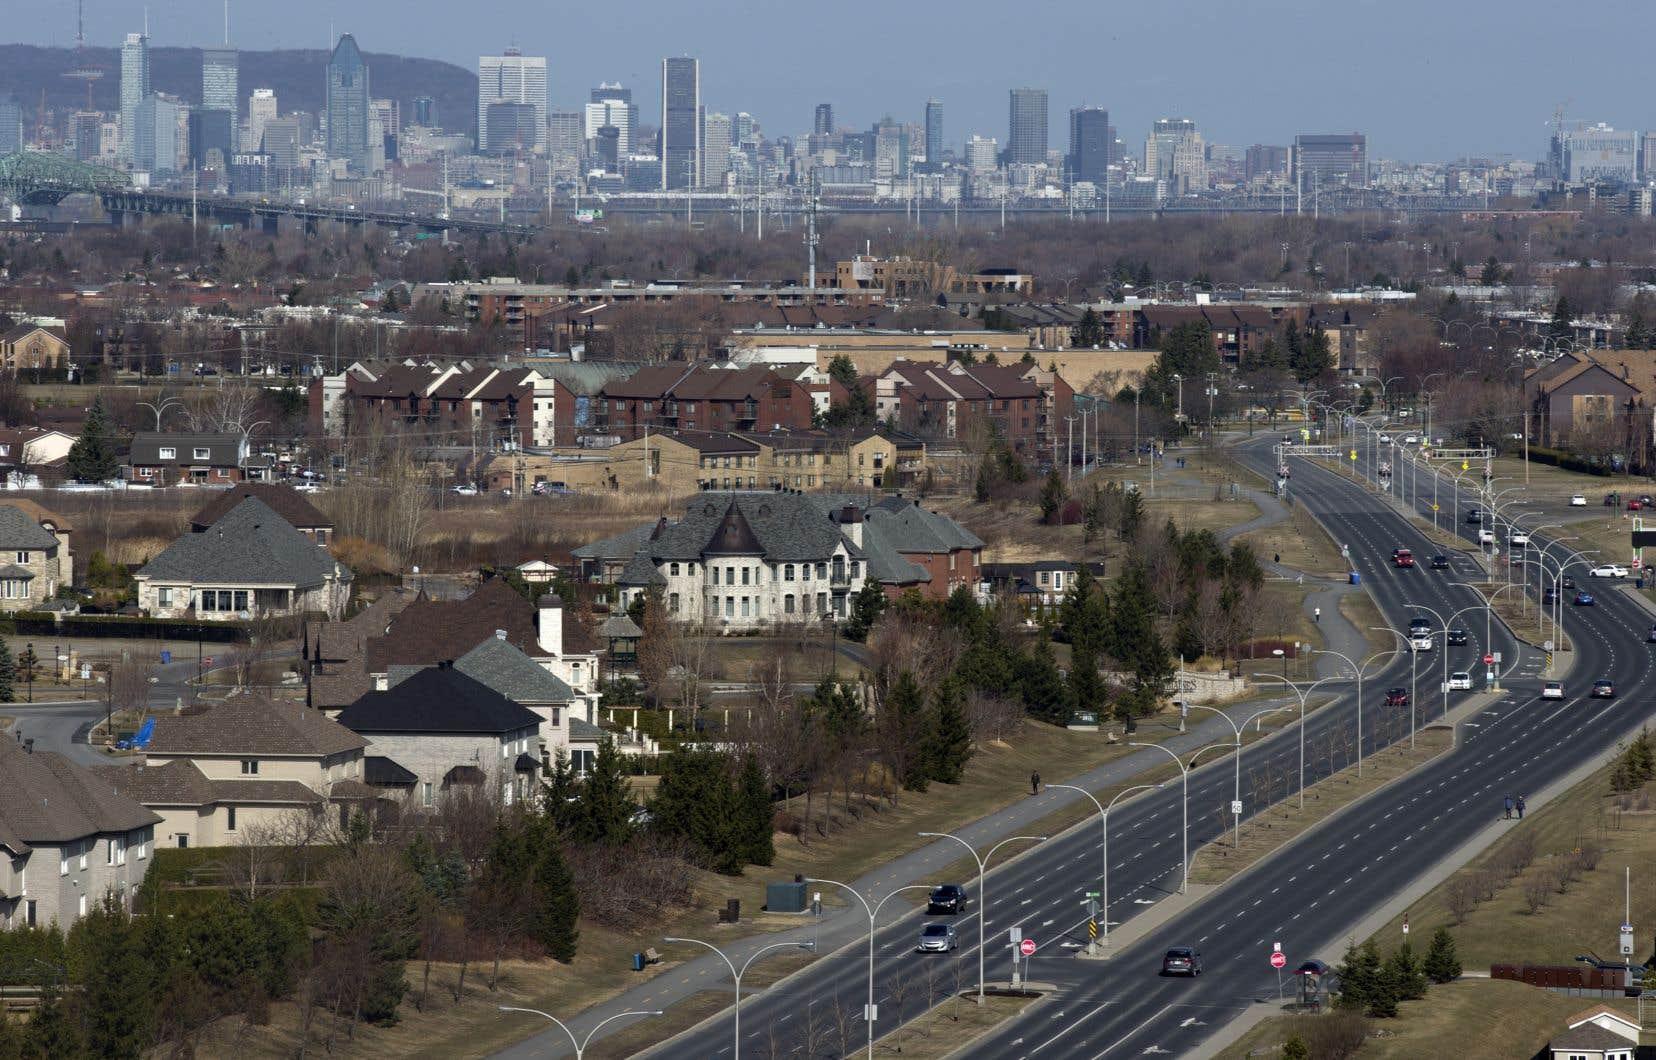 Une méga-fusion municipale qui inclurait toute l'île de Montréal, de Laval, les couronnes sud et nord serait l'une des mesures à envisager, selon l'auteur.